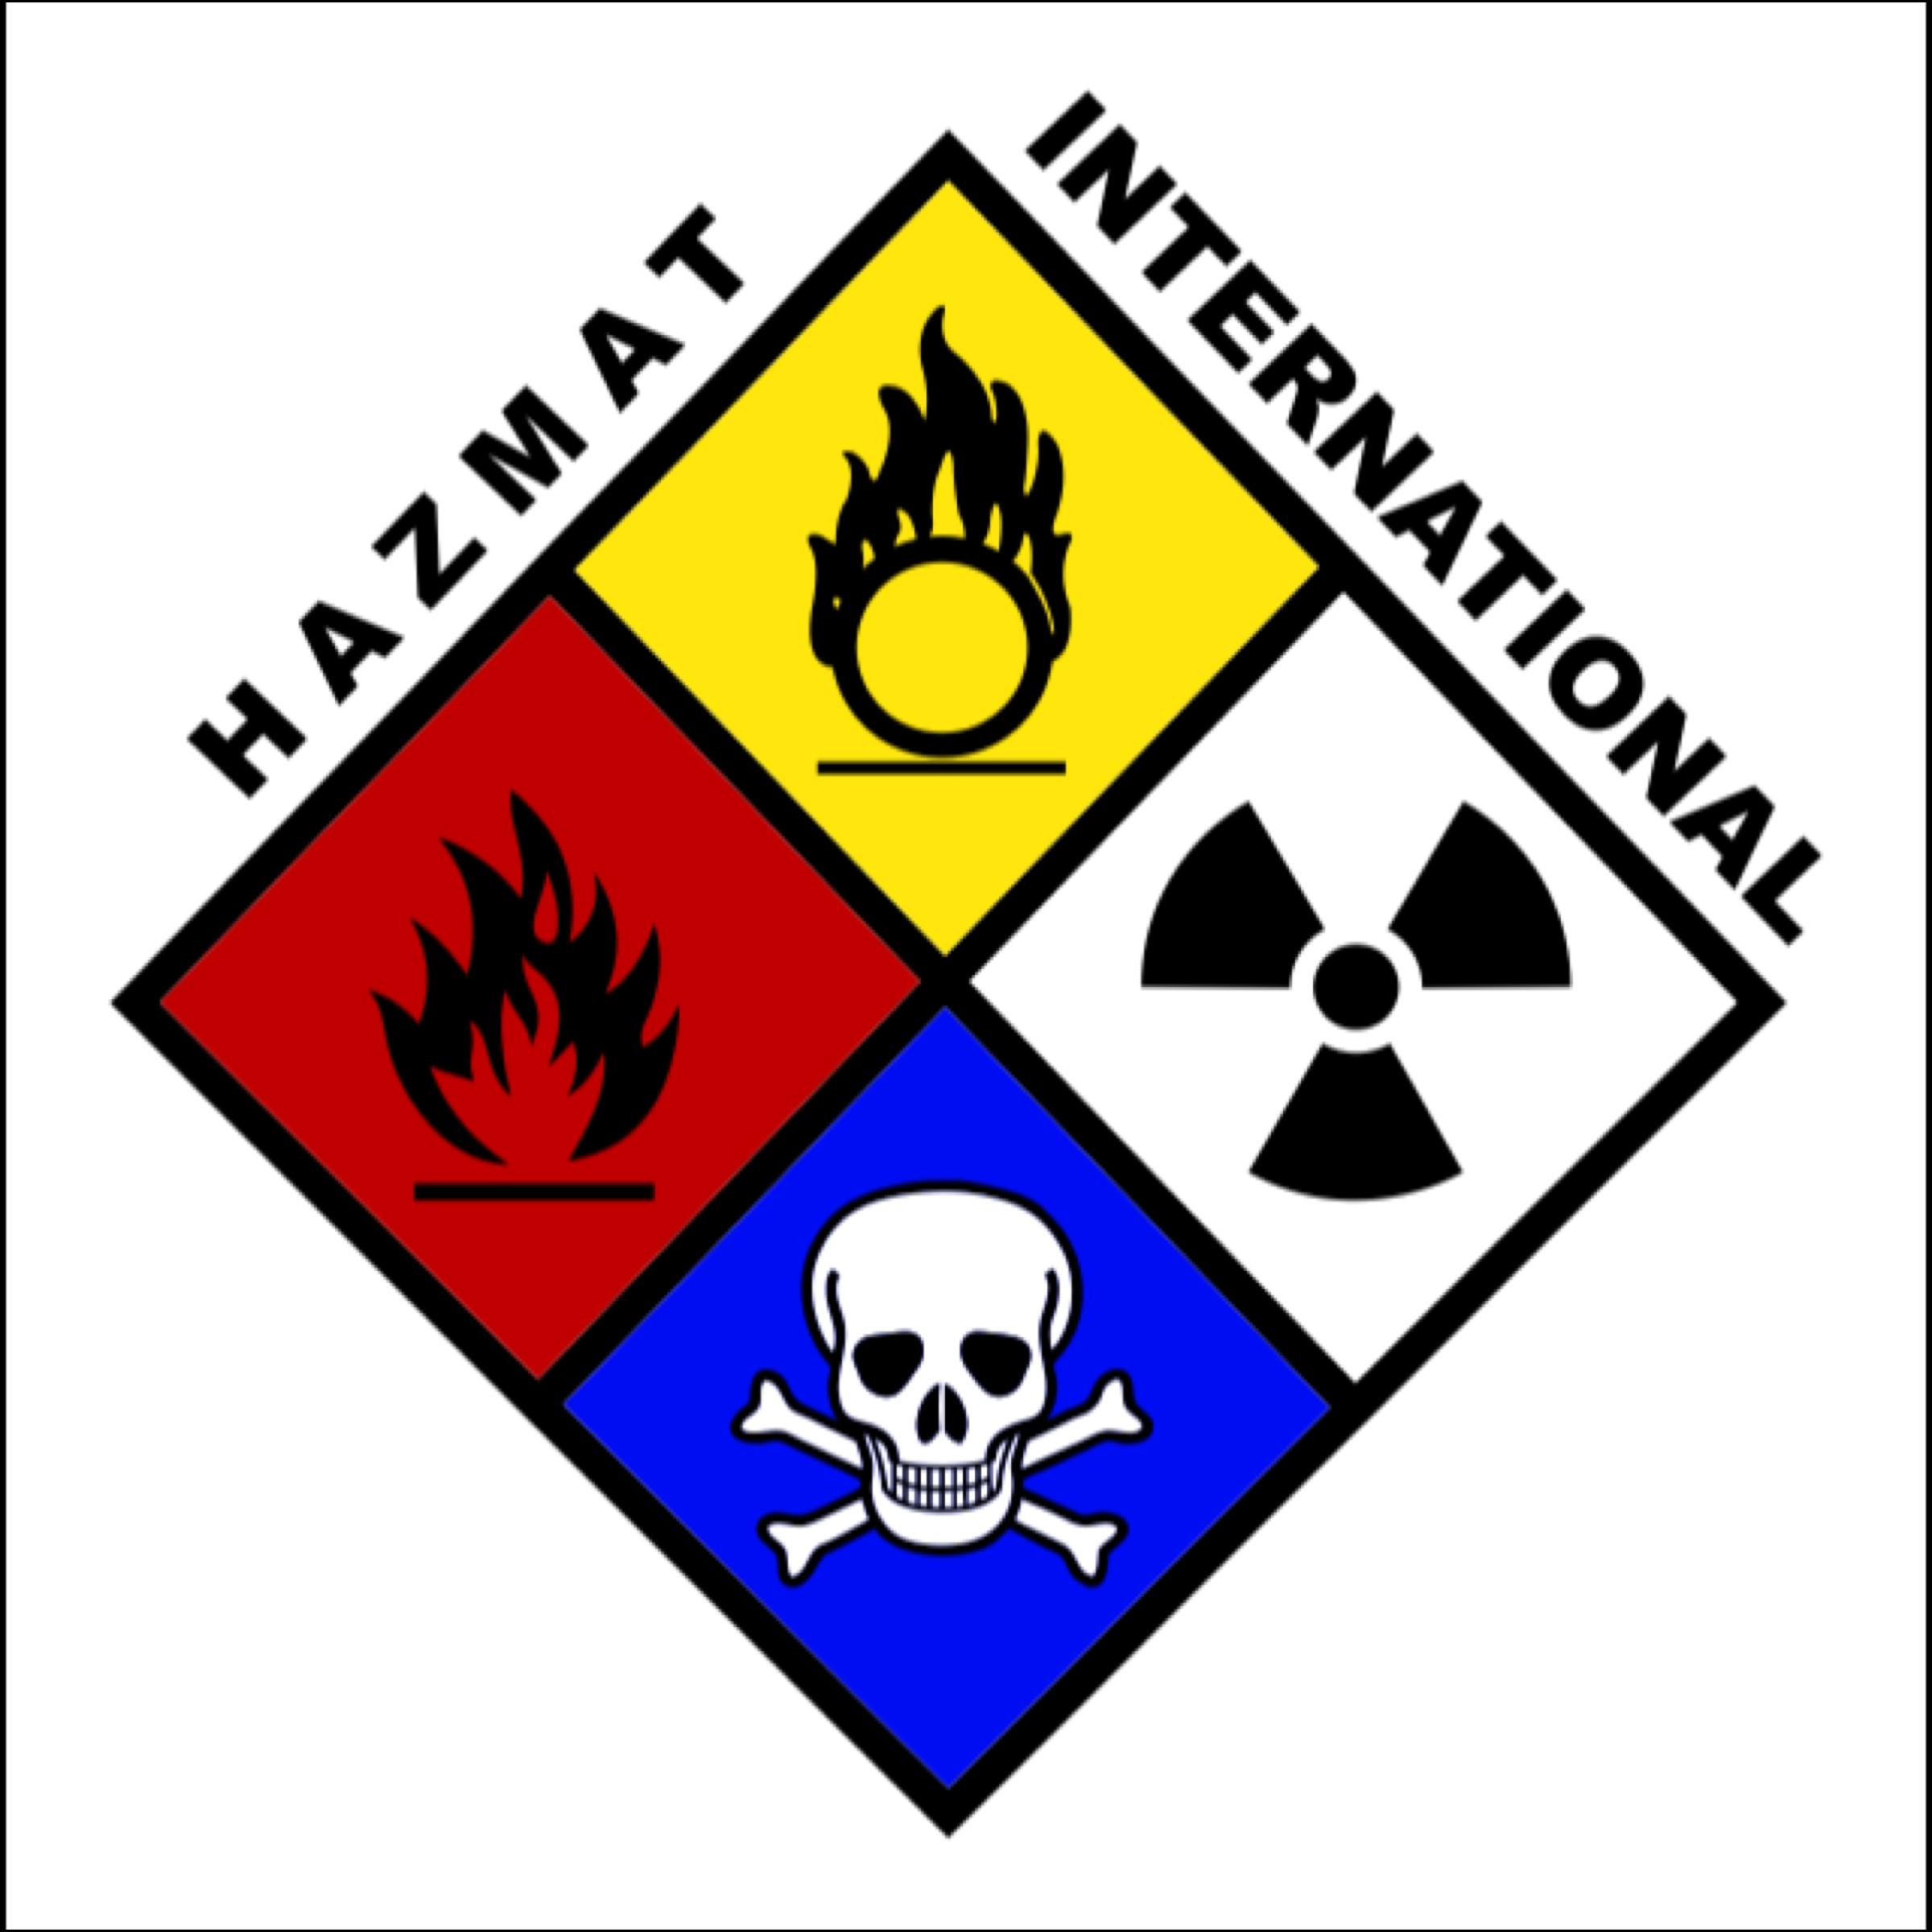 hazmat logos rh logolynx com hazmat logo clip art logo hazmat bomba